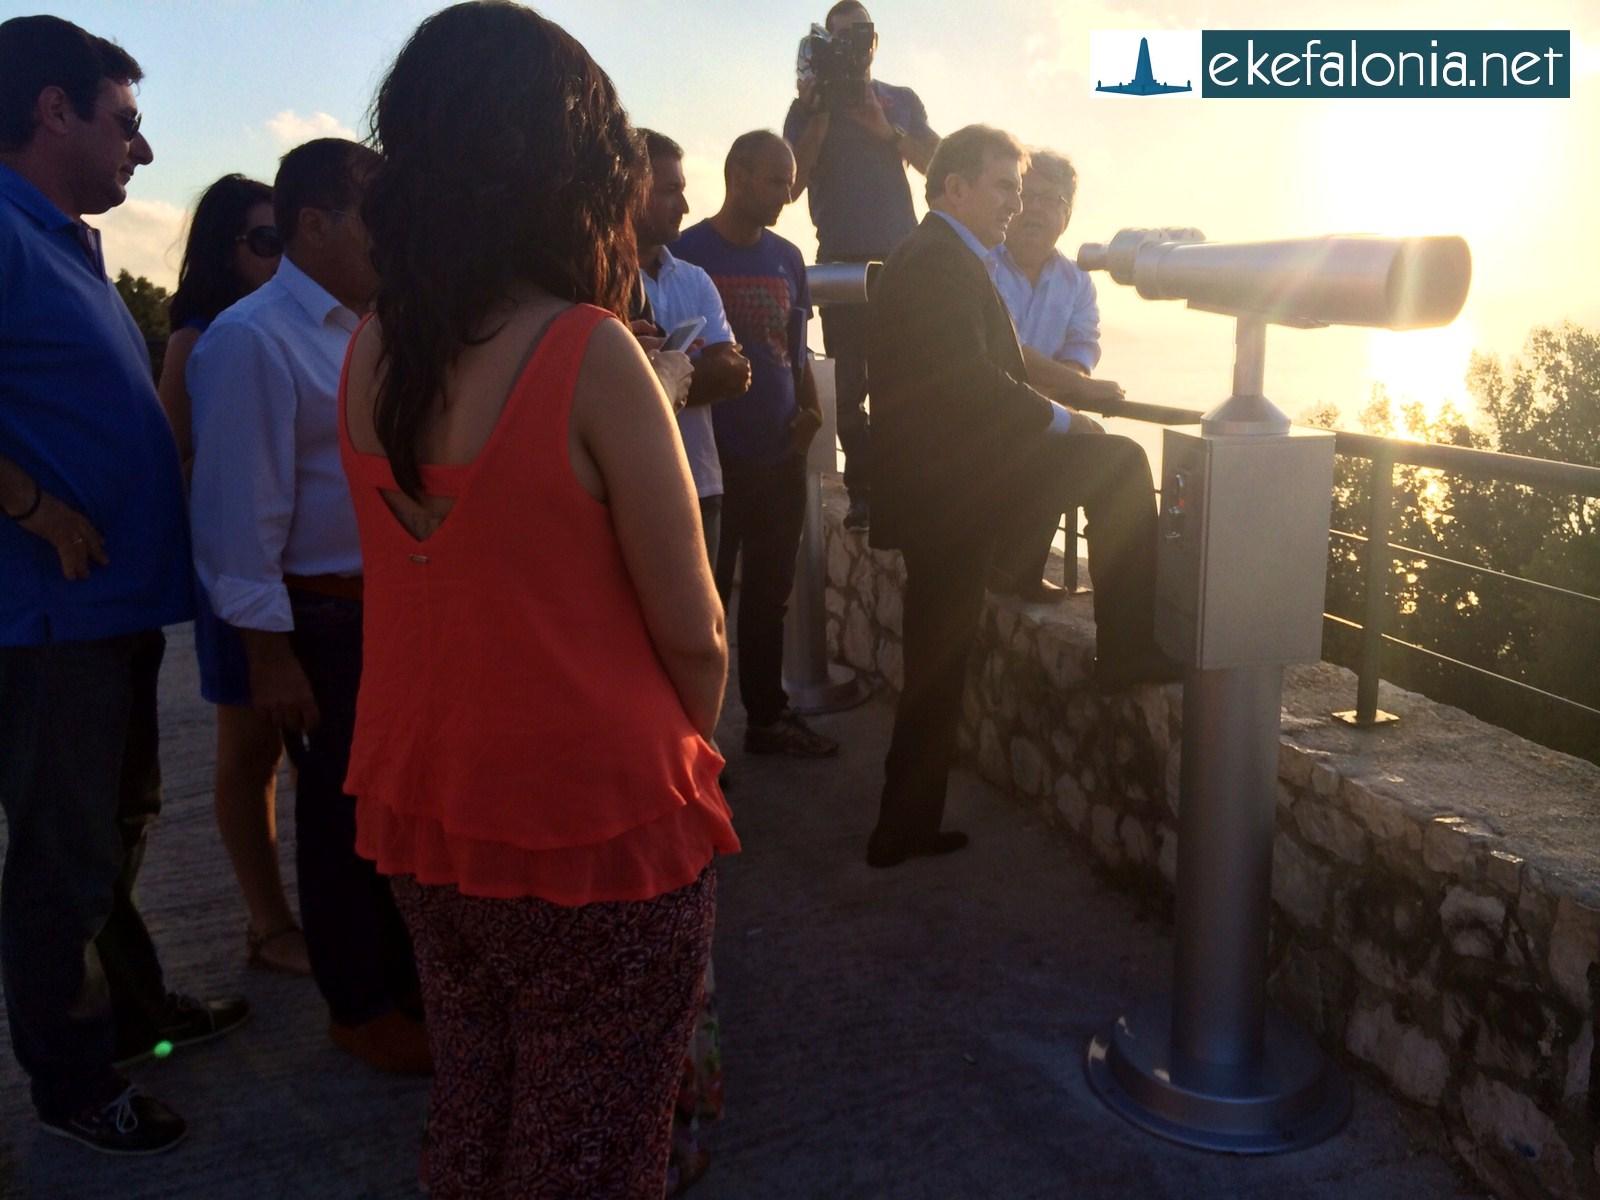 Ο υπουργός βλέπει τον Μύρτο από ψηλά.